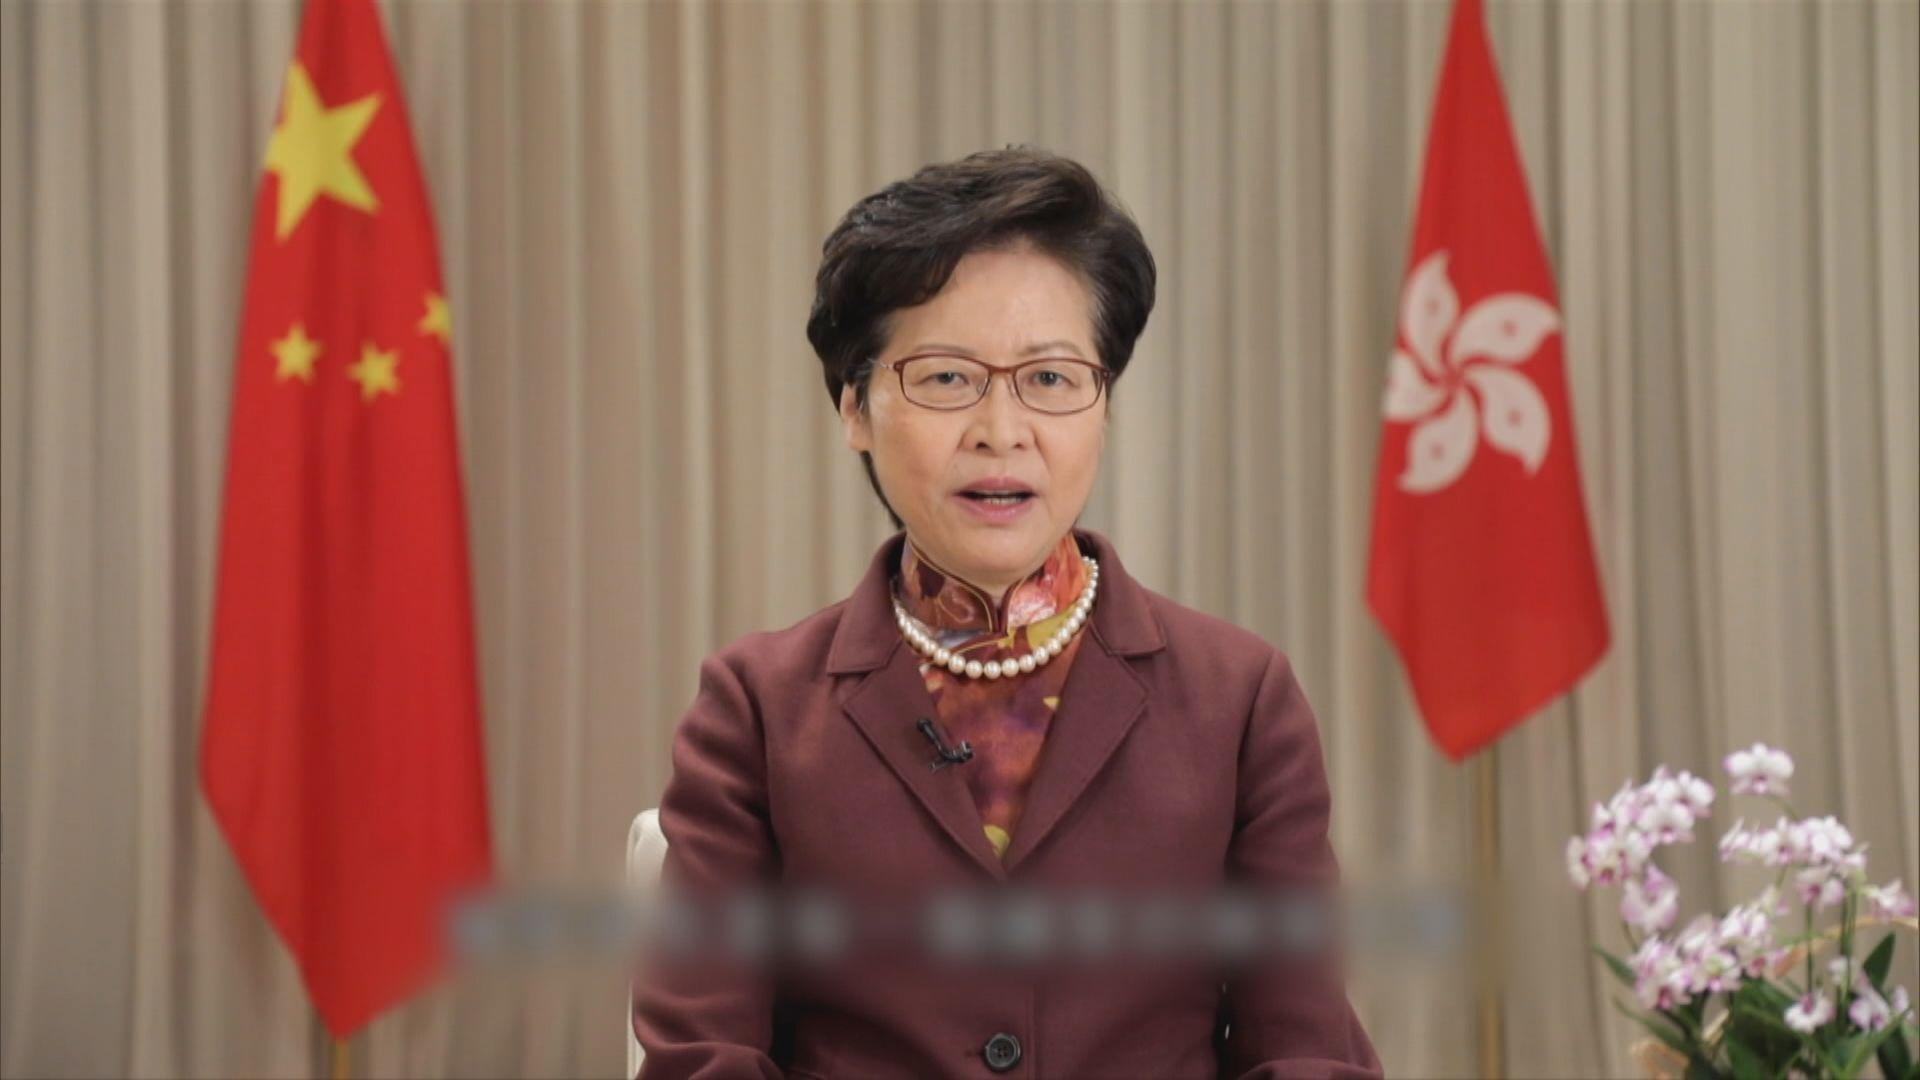 林鄭月娥:未來對公務員及教師憲法宣傳將更深入到位